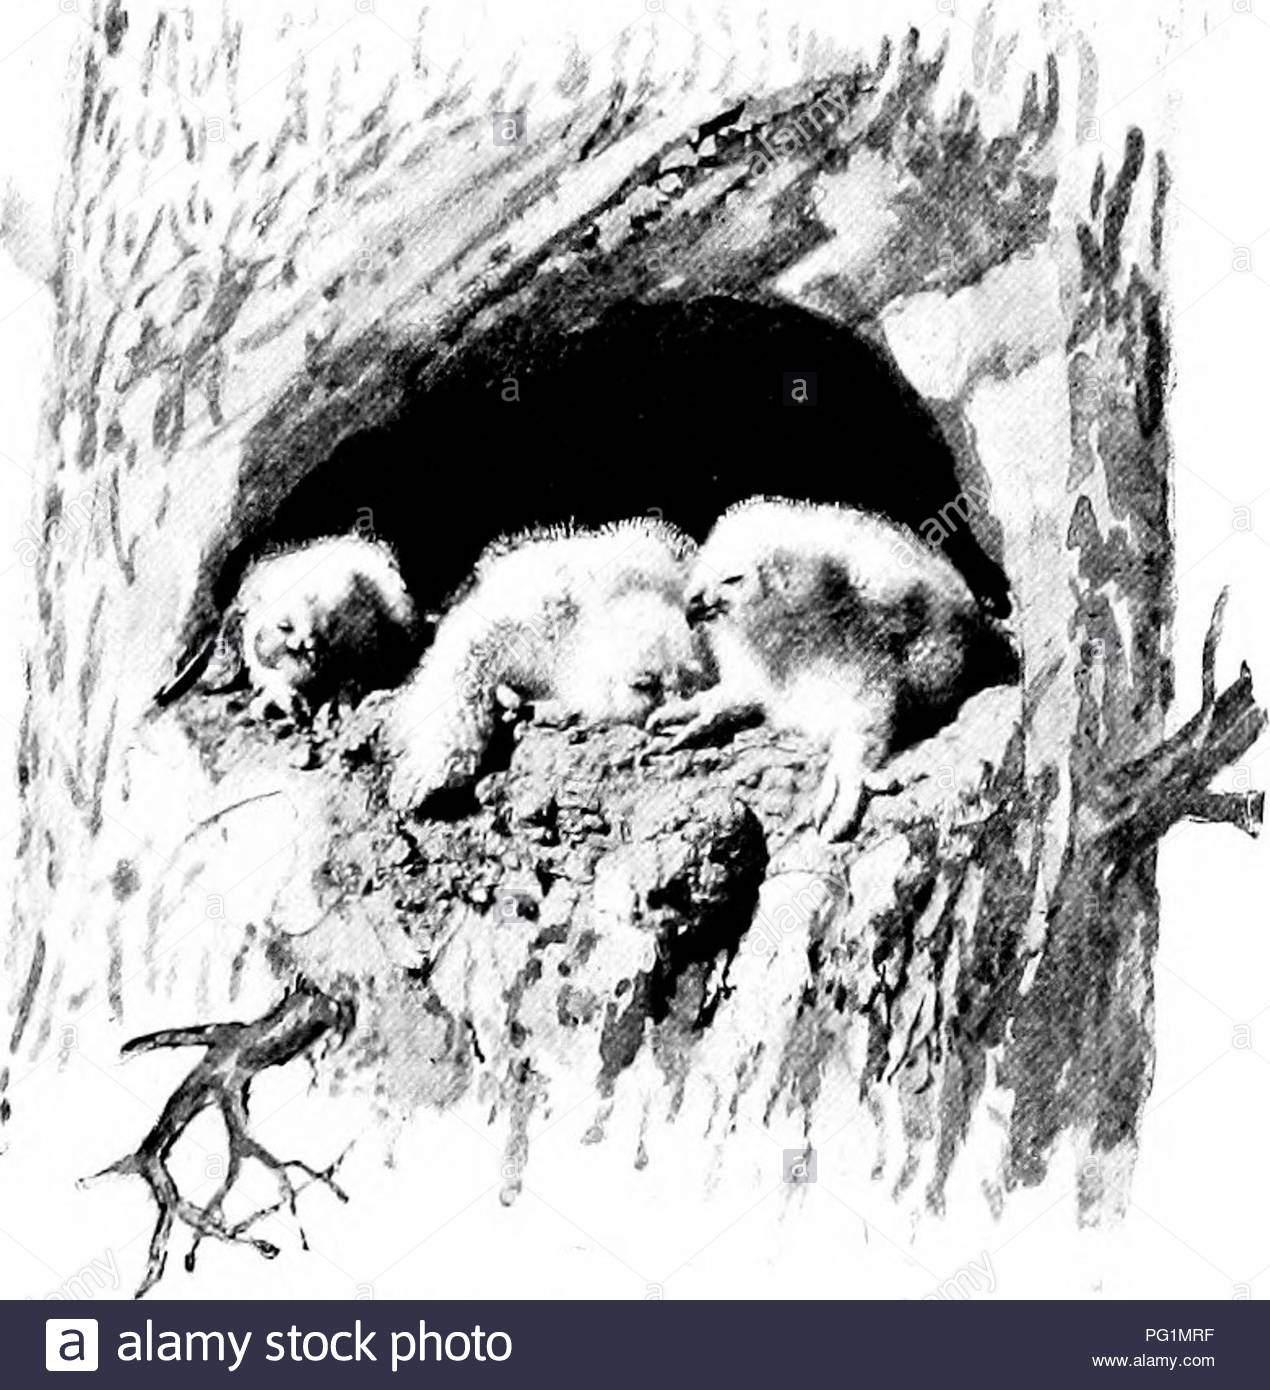 american natural history eine stiftung fur nutzliches wissen der hoheren tiere von nordamerika natural history great horned owl mit horner jaid zuruck im zorn 2 wachtel x grouse pinnated 1 taube 1 rampe 1 wildente 1 coopers hawk und 2 unbekannt sau iere gefunden wurden wie folgt 46 kot und ratten 32 kaninchen und hasen 7 spitzmause 5 squir rels 3 streifenhornchen 4 pocket gopher 2 stinktiere 1 weasel und 1 bat ausser frage steht wird der sollsaldo gegen ses vogels ist schwer und rechtfertigt seine zerstorung wo gefunden aber gleichzeitig es geht gegen das korn zu ki pg1mrf